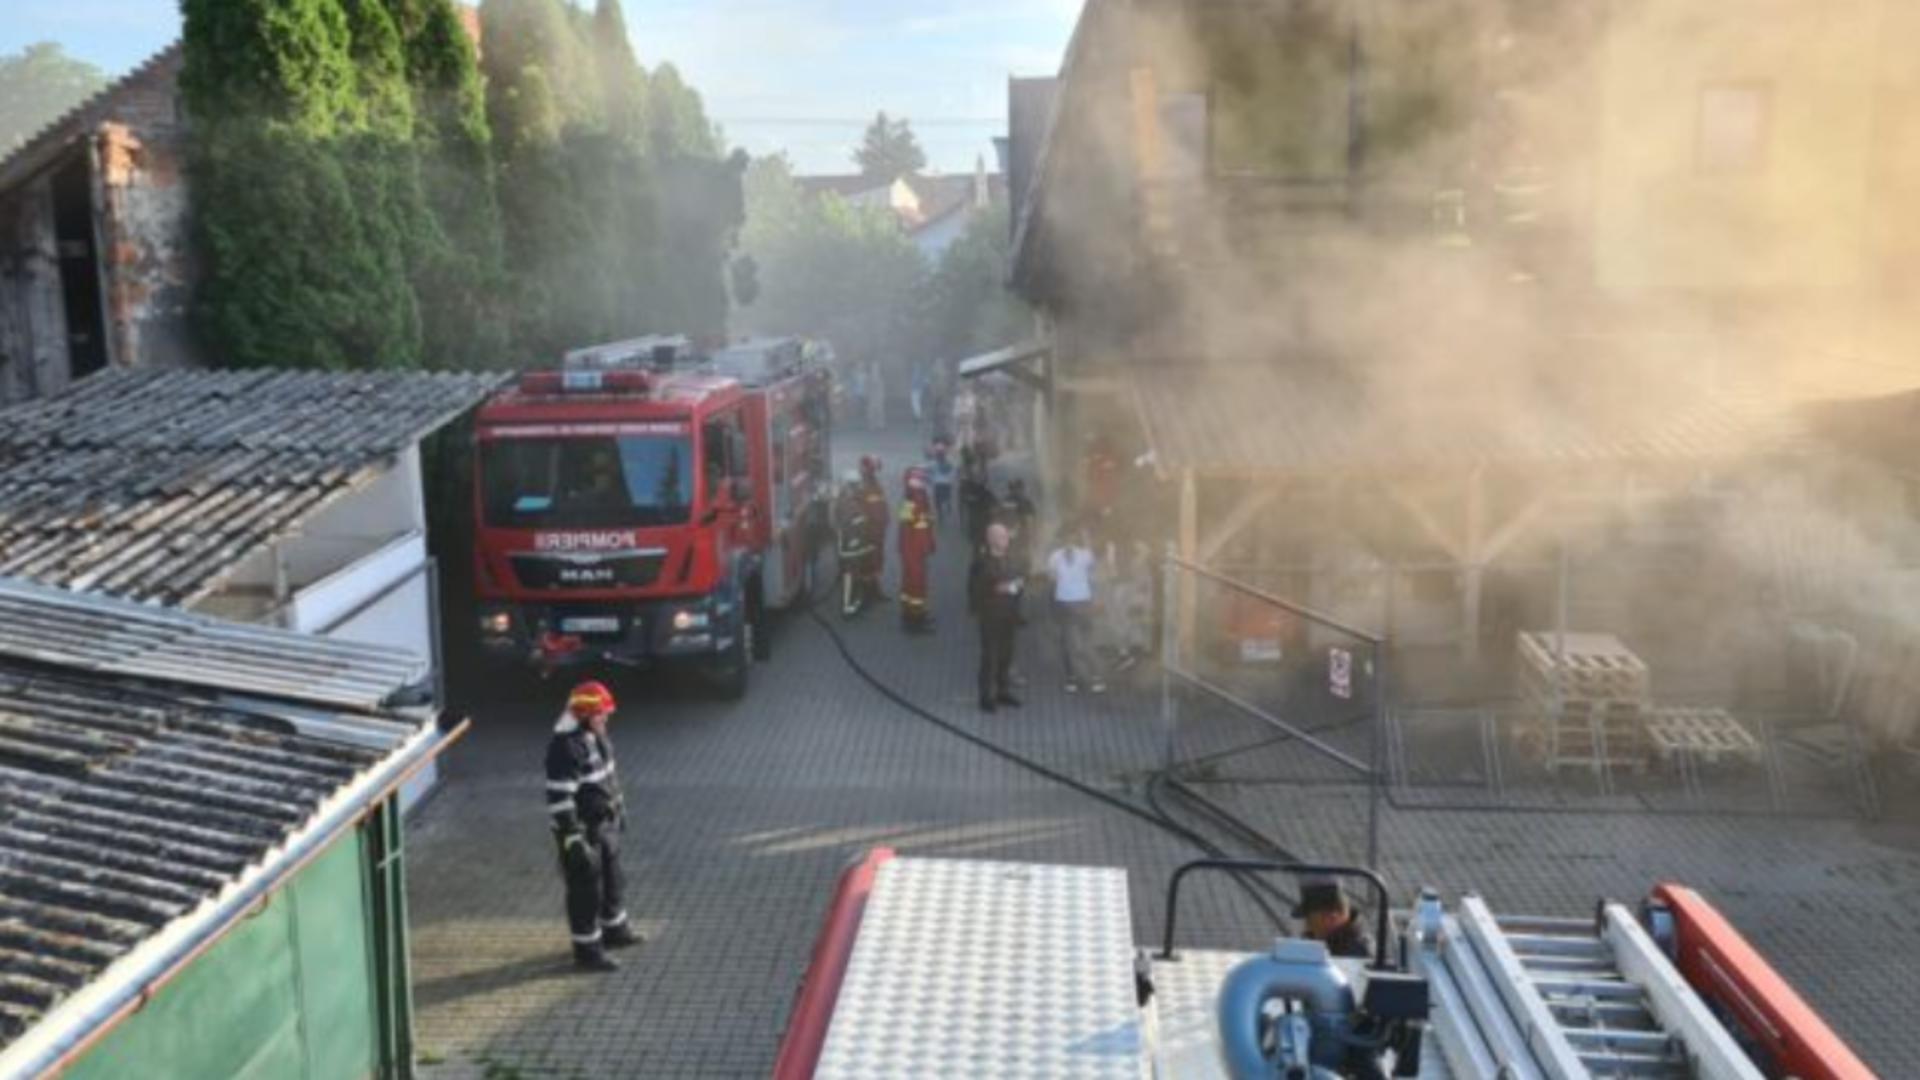 INCENDIU violent la un depozit din Târgu Mureș! 15 copii și un adult - EVACUAȚI de urgență de pompieri Foto: ISU Mureș